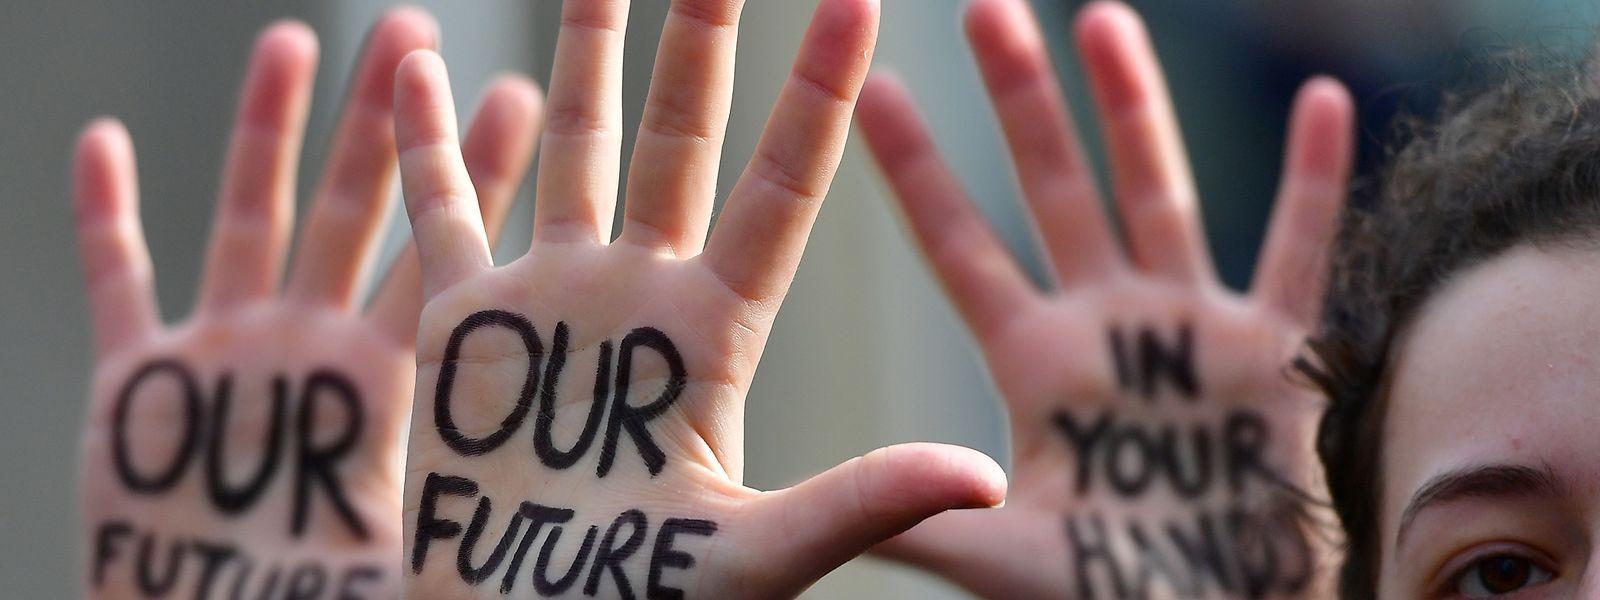 Weltweit gehen junge Menschen für einen besseren Klima- und Umweltschutz auf die Straße.